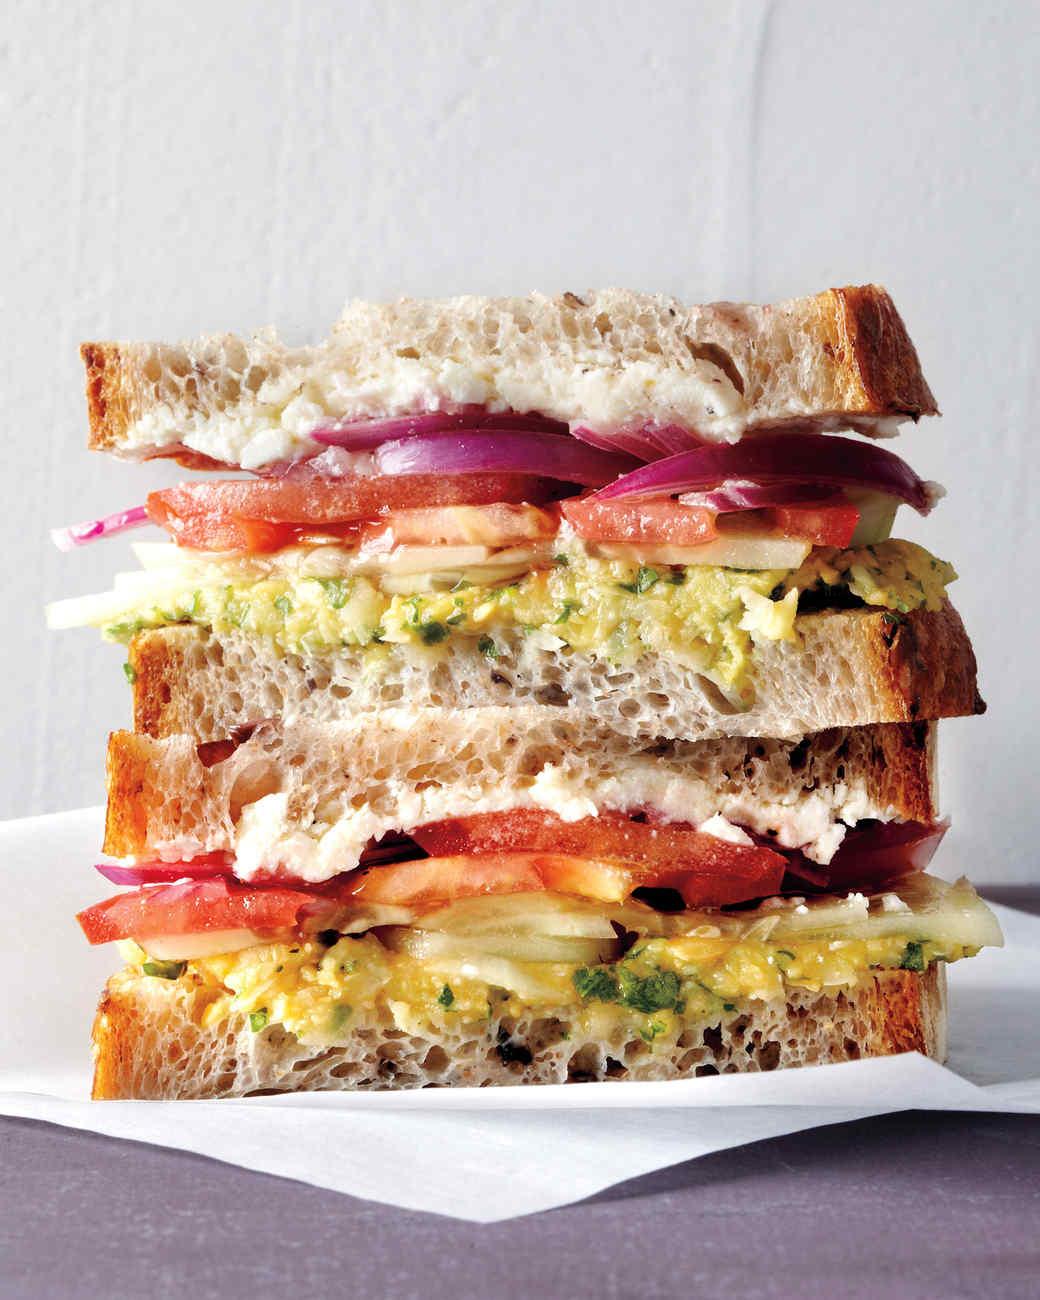 med106560_0311_sandwich_greek.jpg